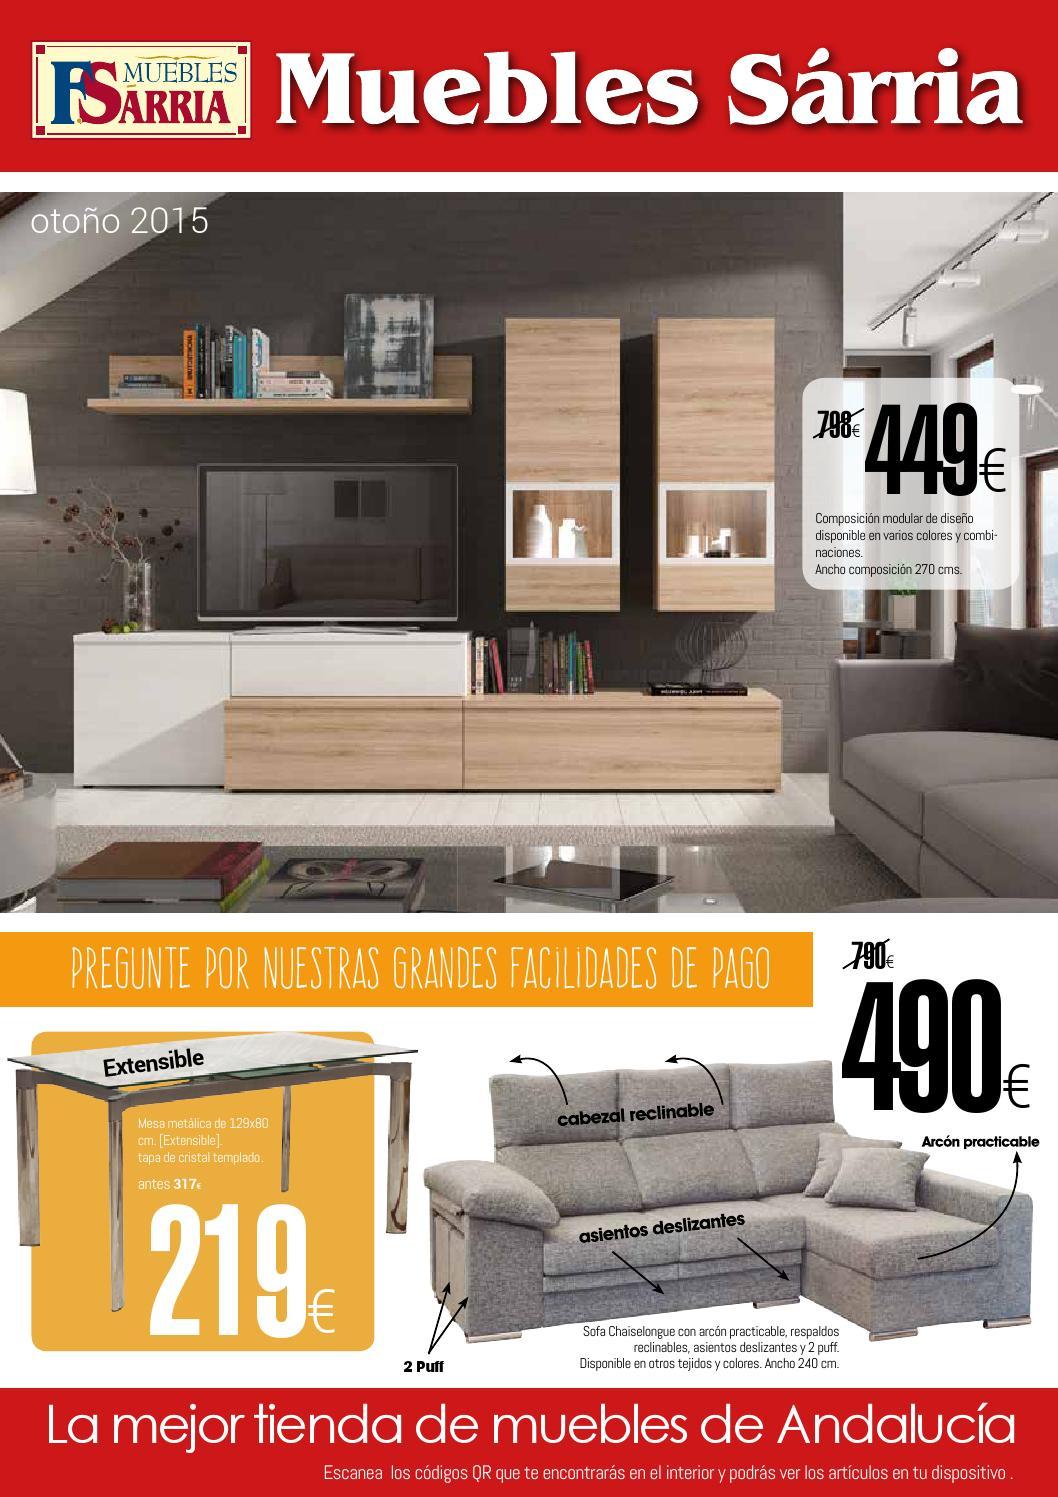 muebles sarria en cordoba litera de dormitorio juvenil